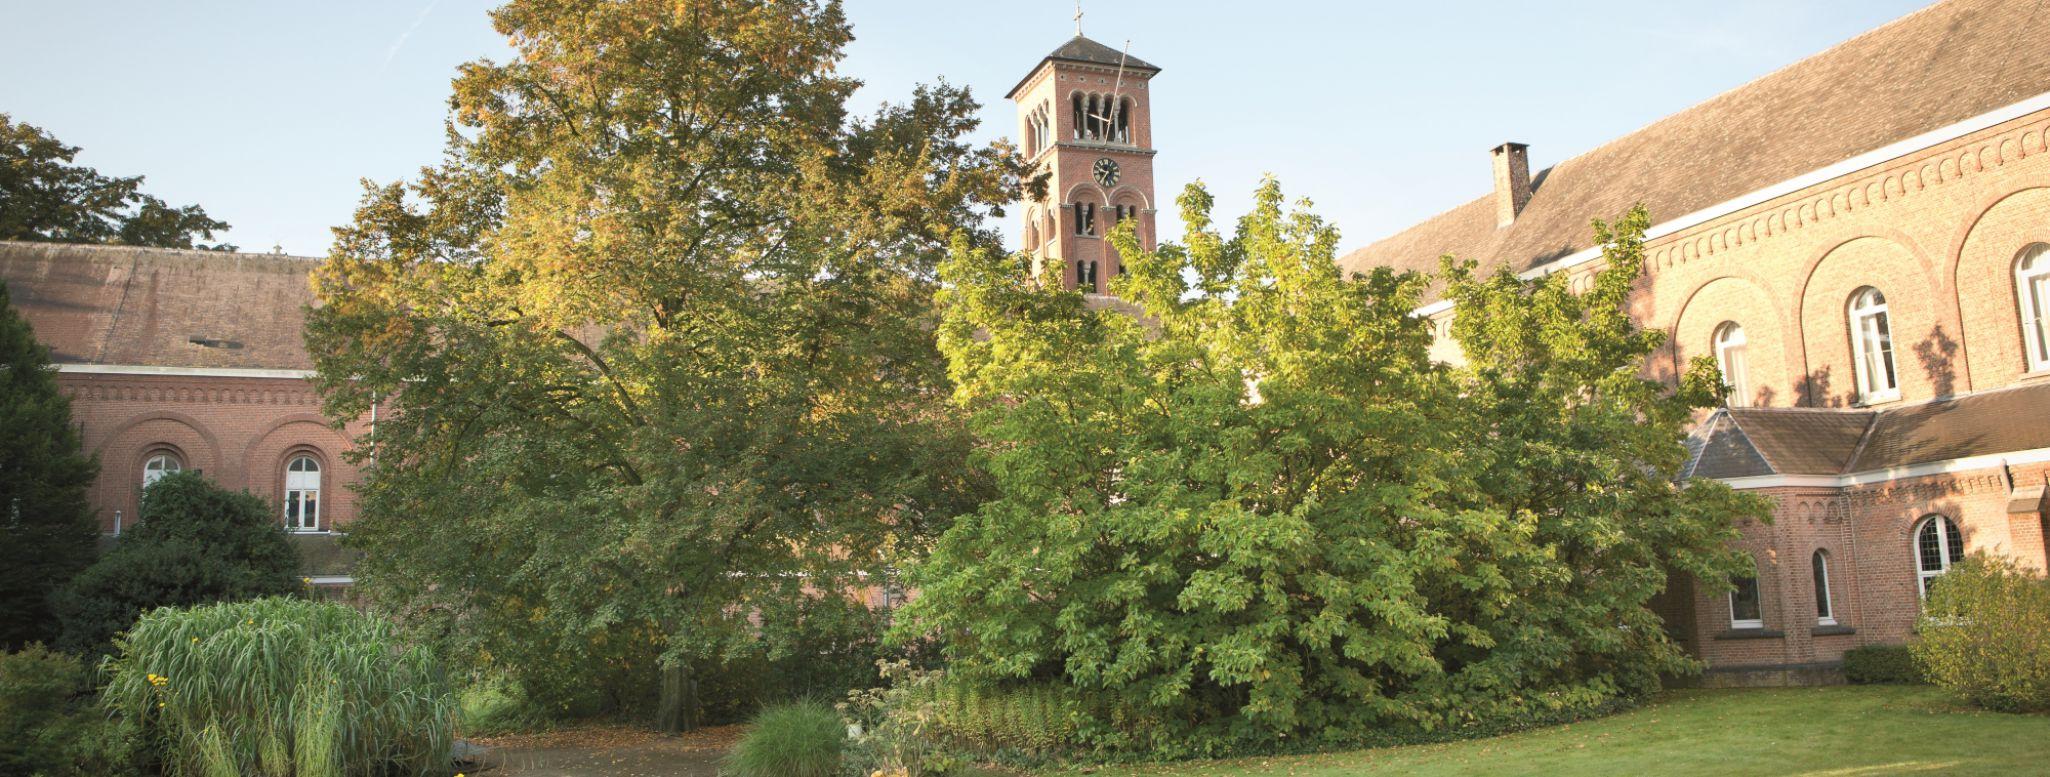 Il giardino del cortile dell'abbazia di Westmalle